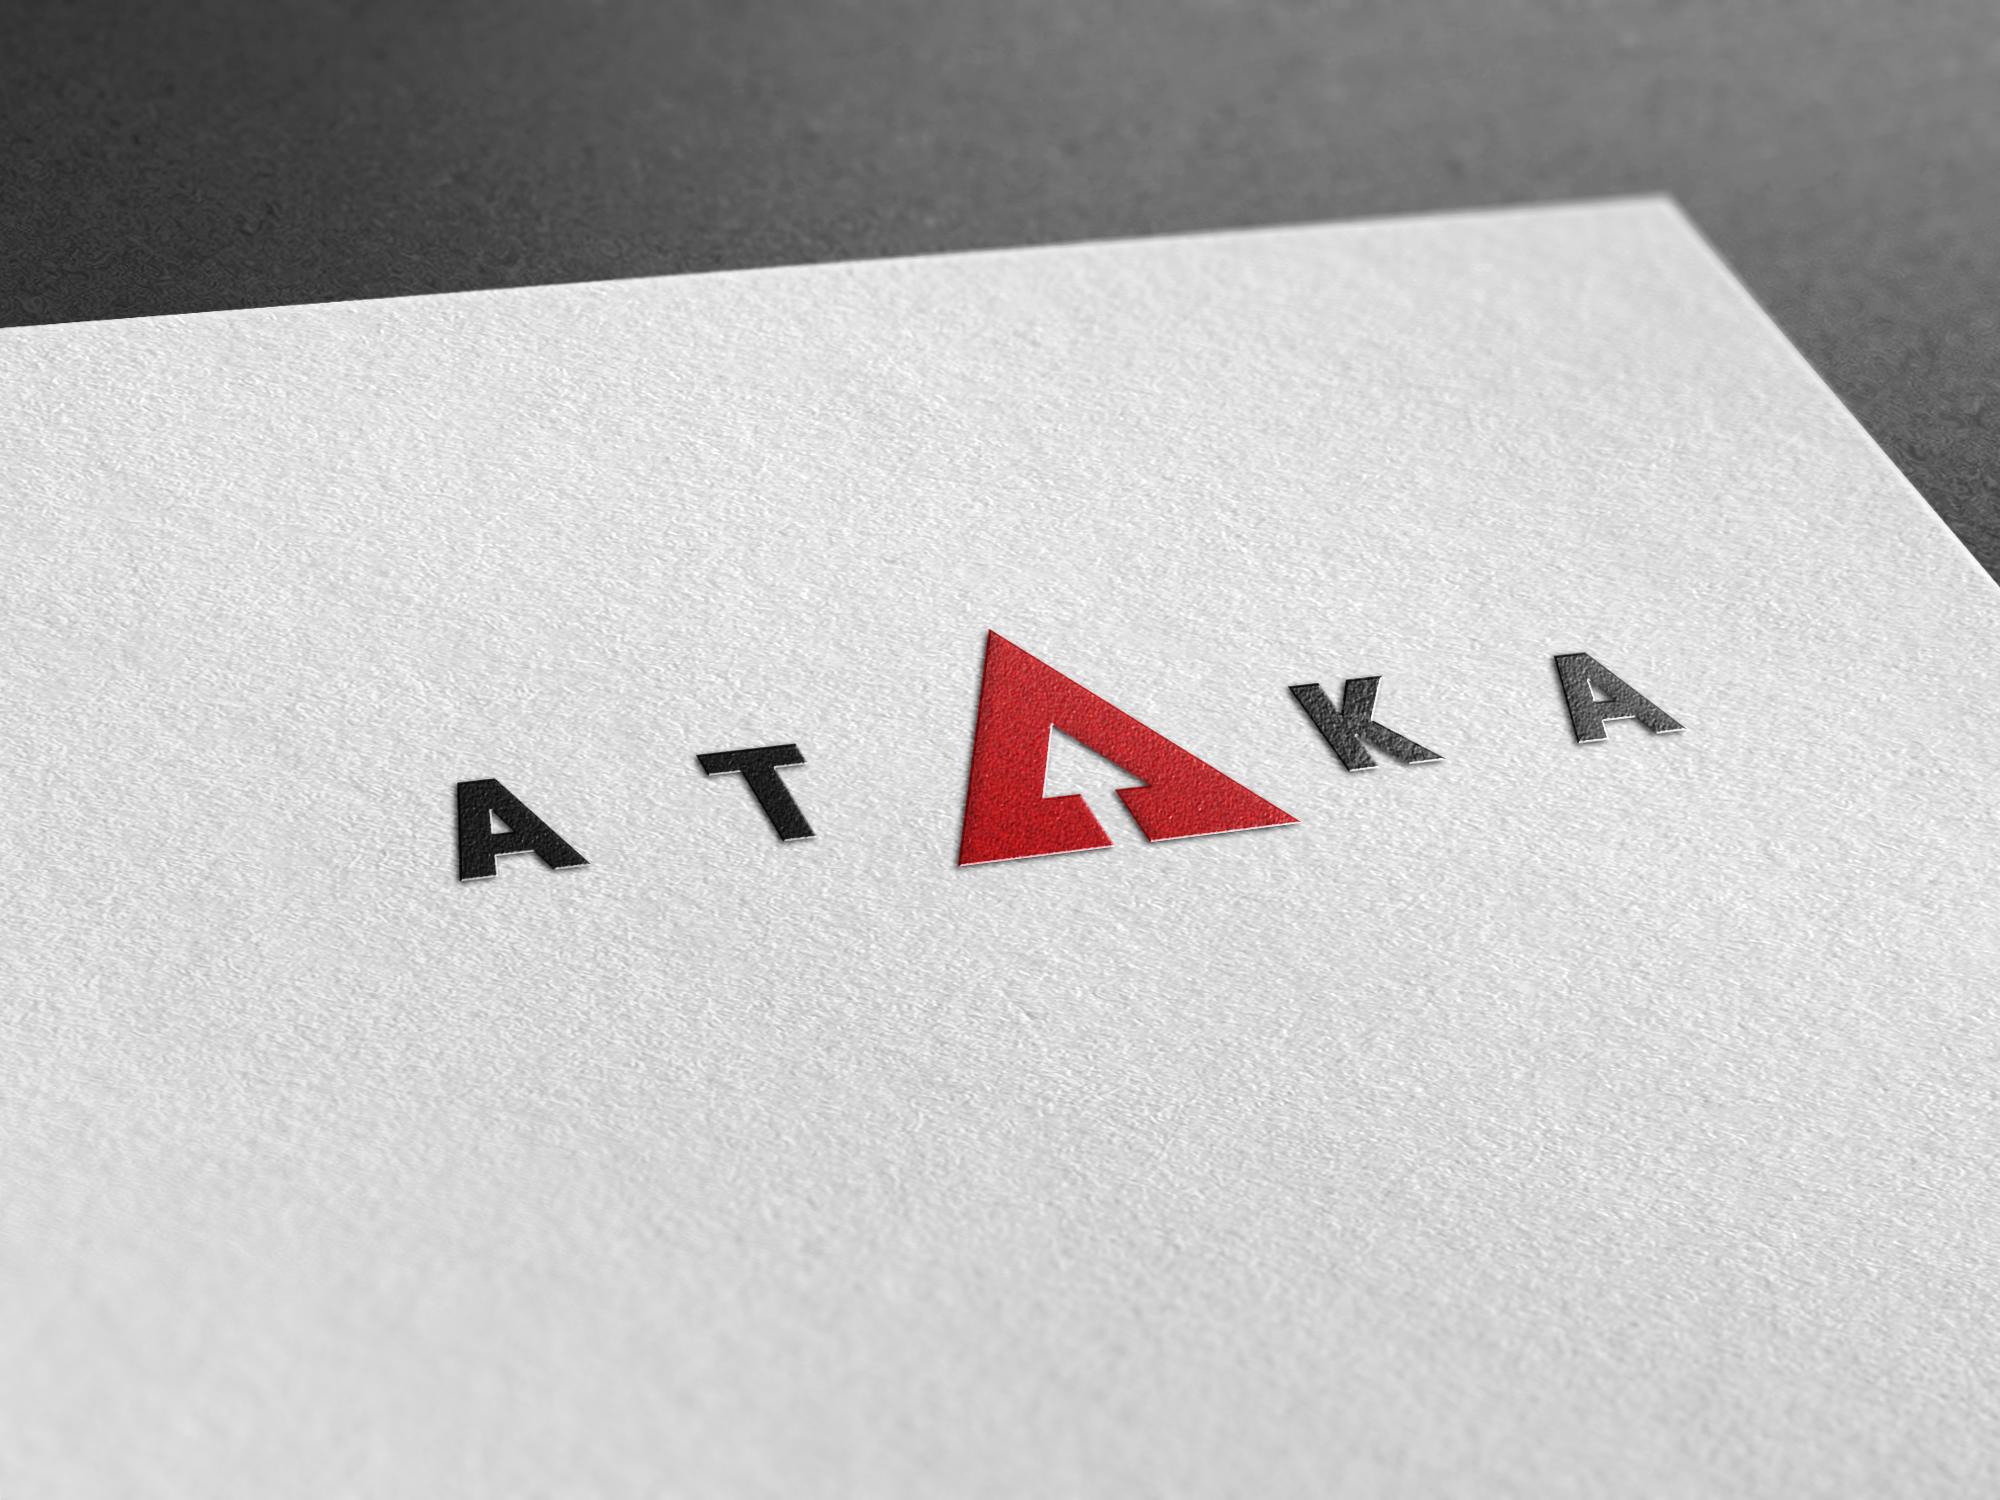 Ataka 3